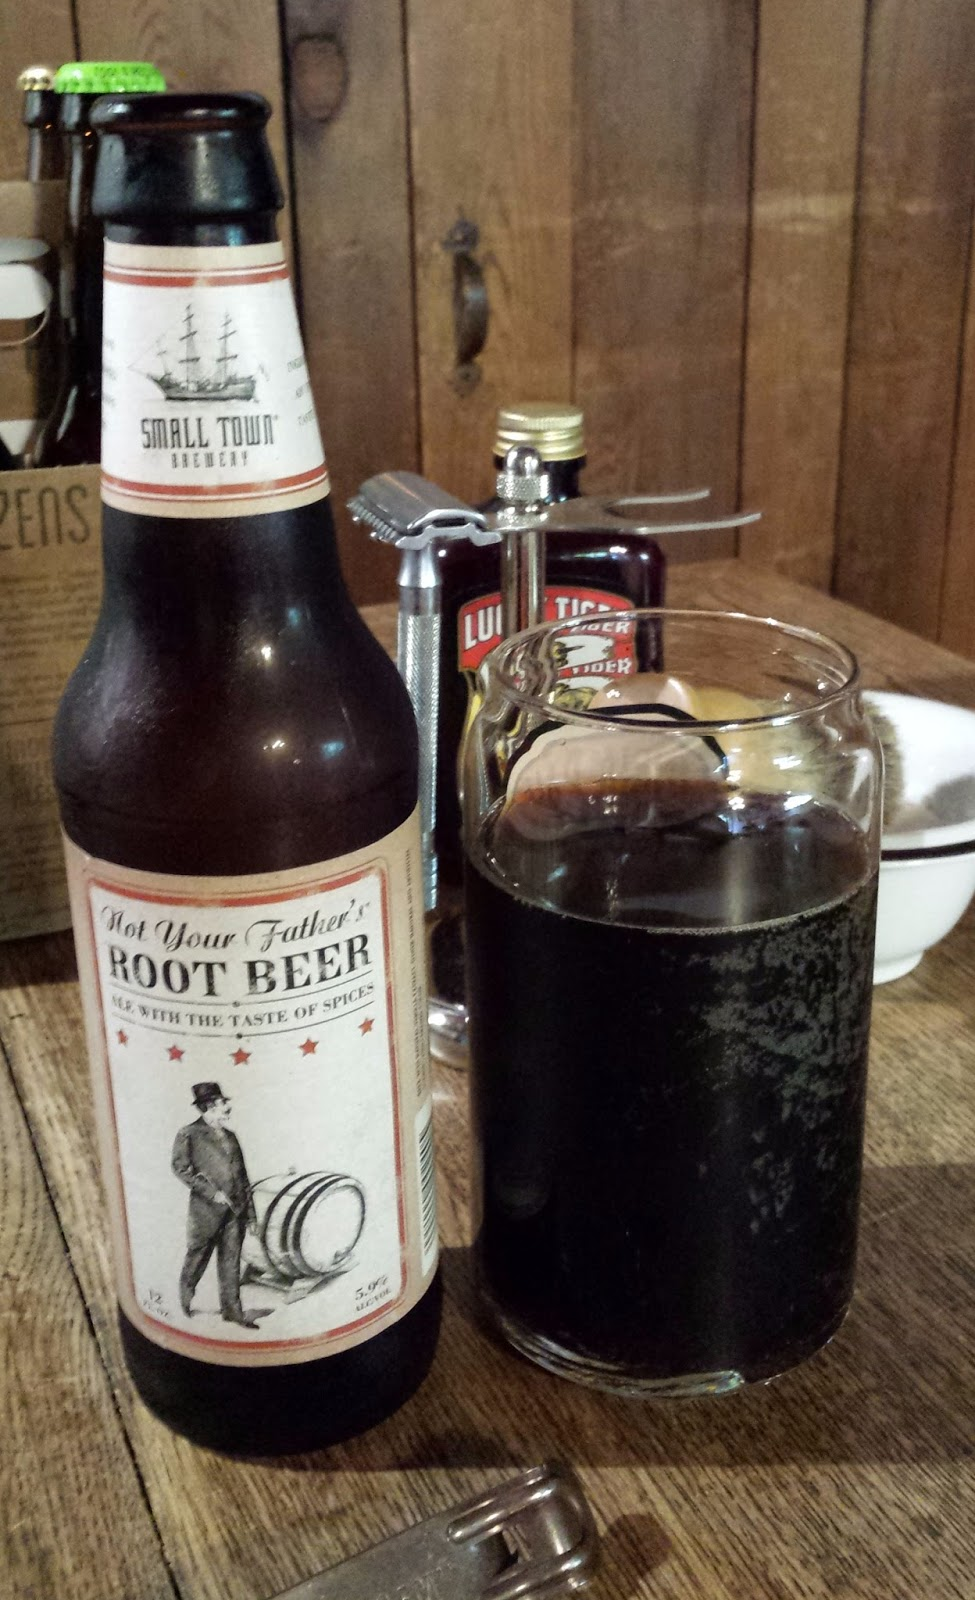 Not root beer but is it beer